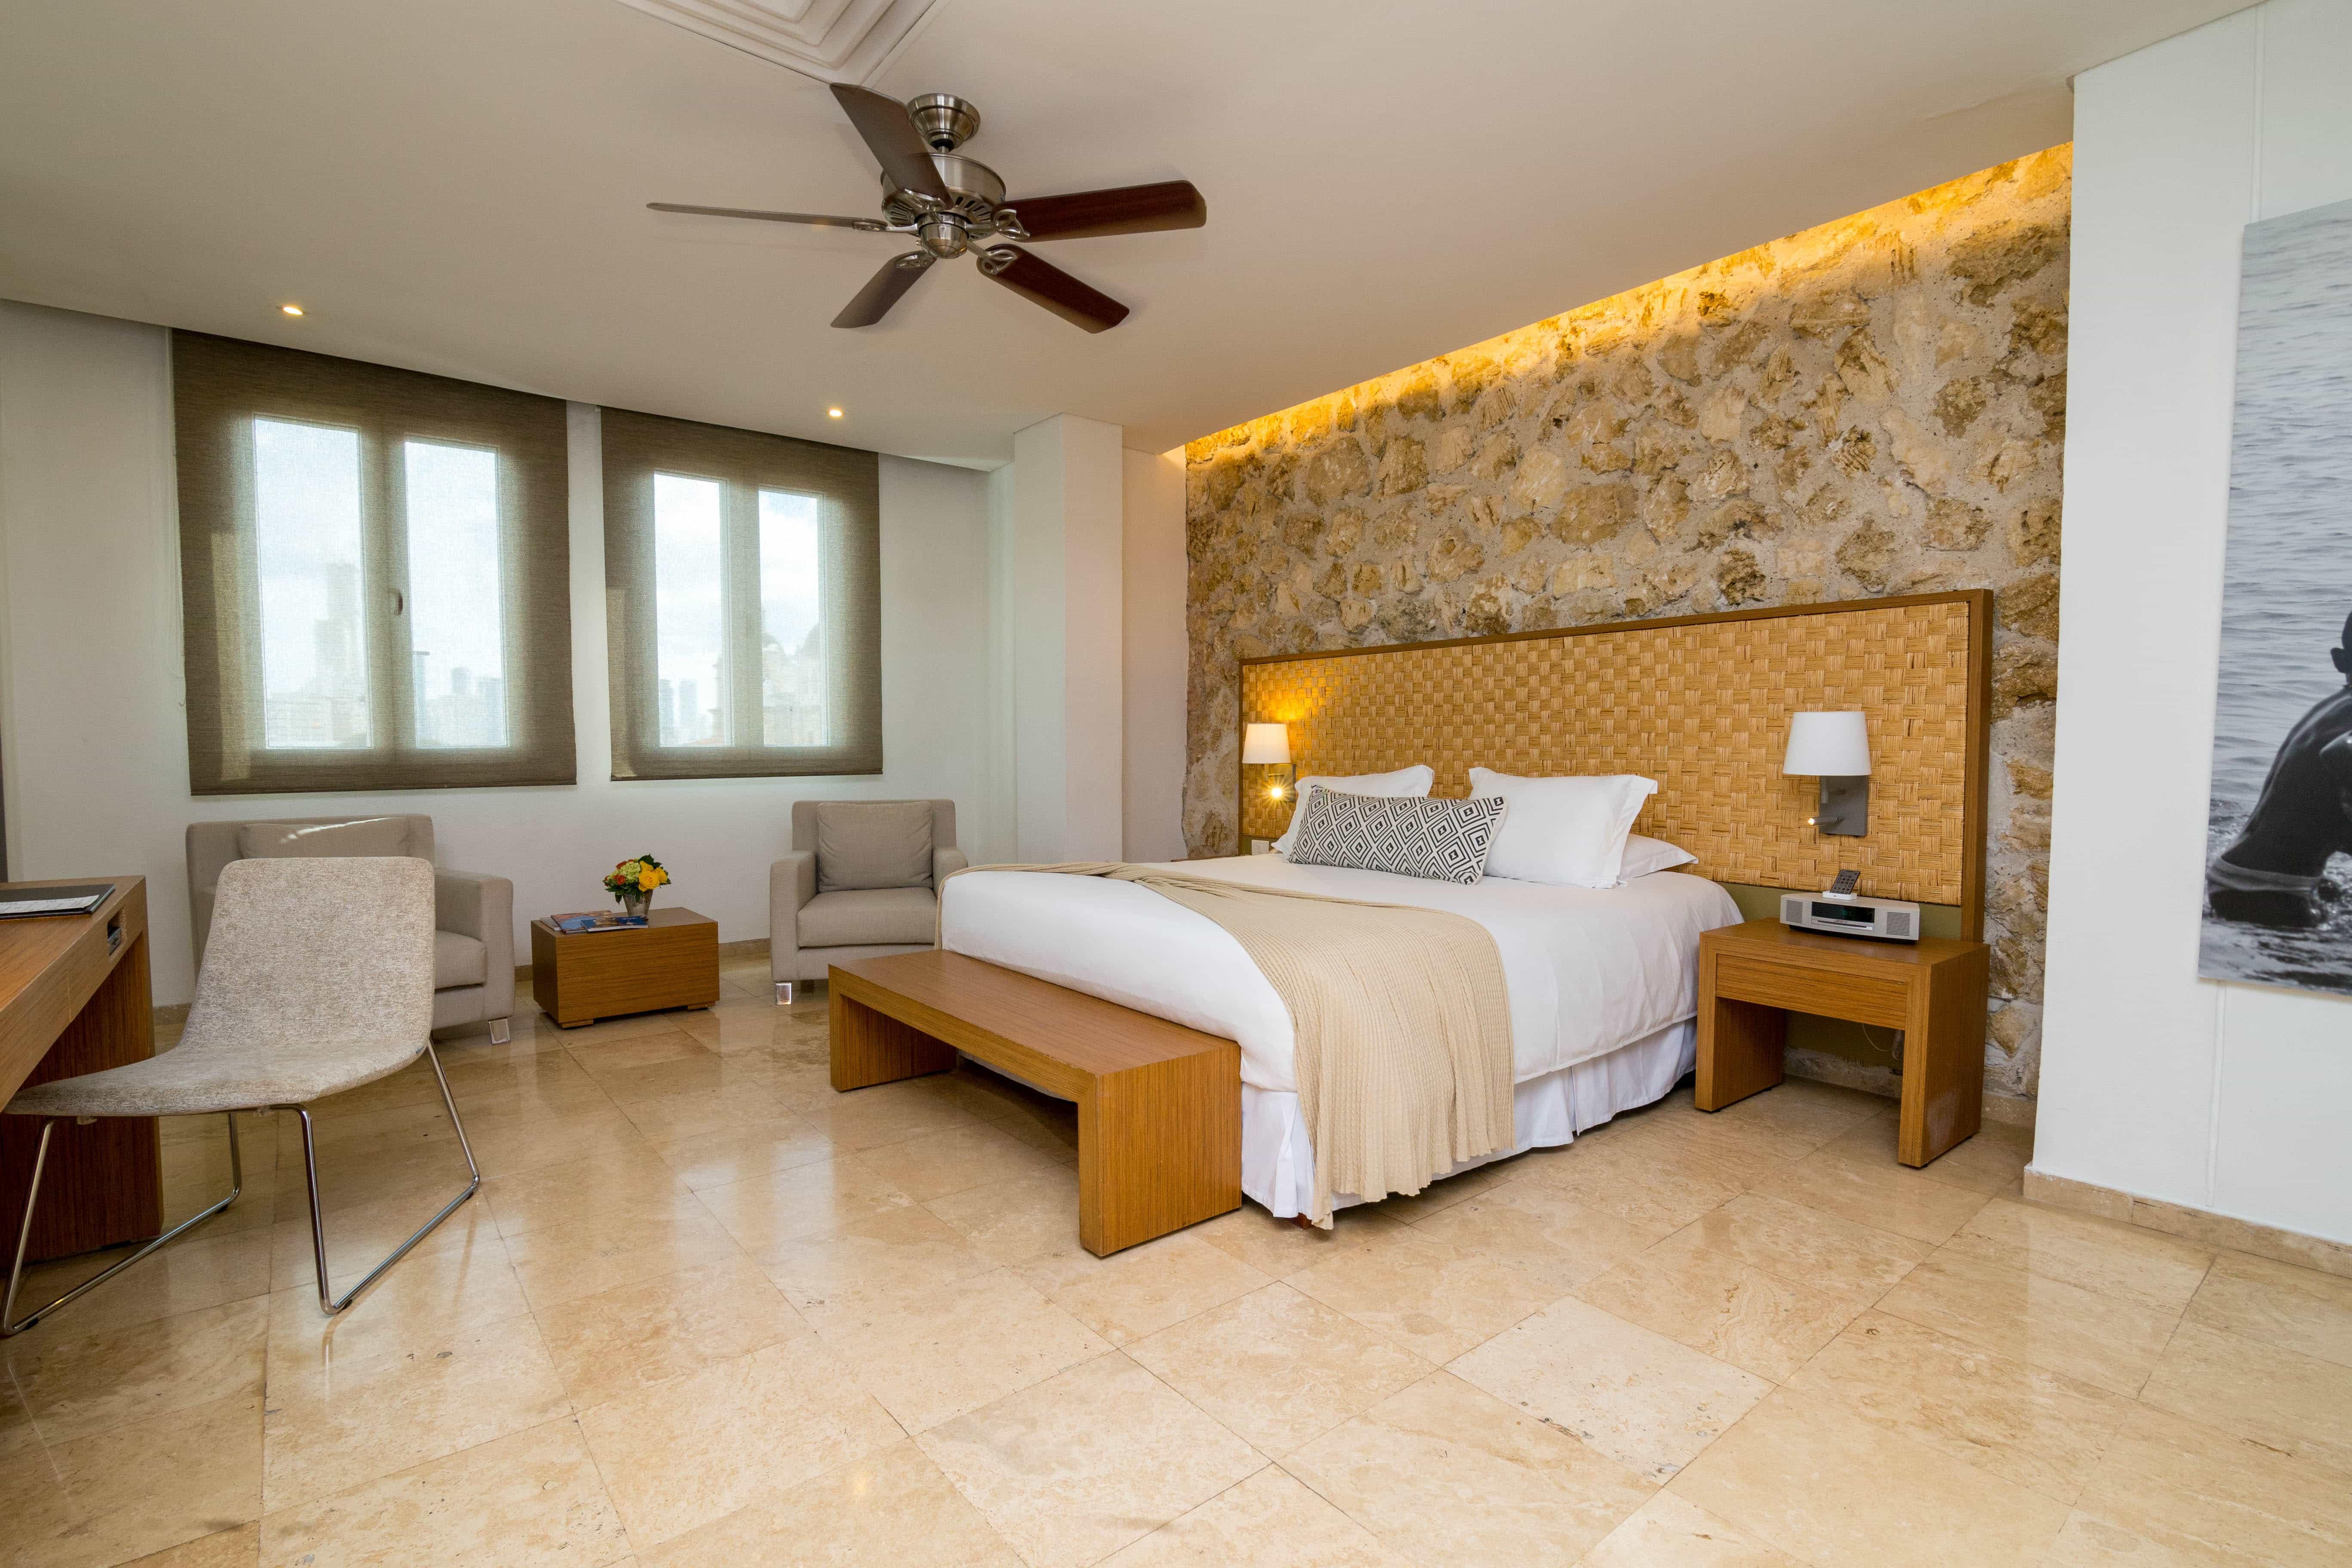 Hotel Movich Cartagena de Indias - Pulzo.com